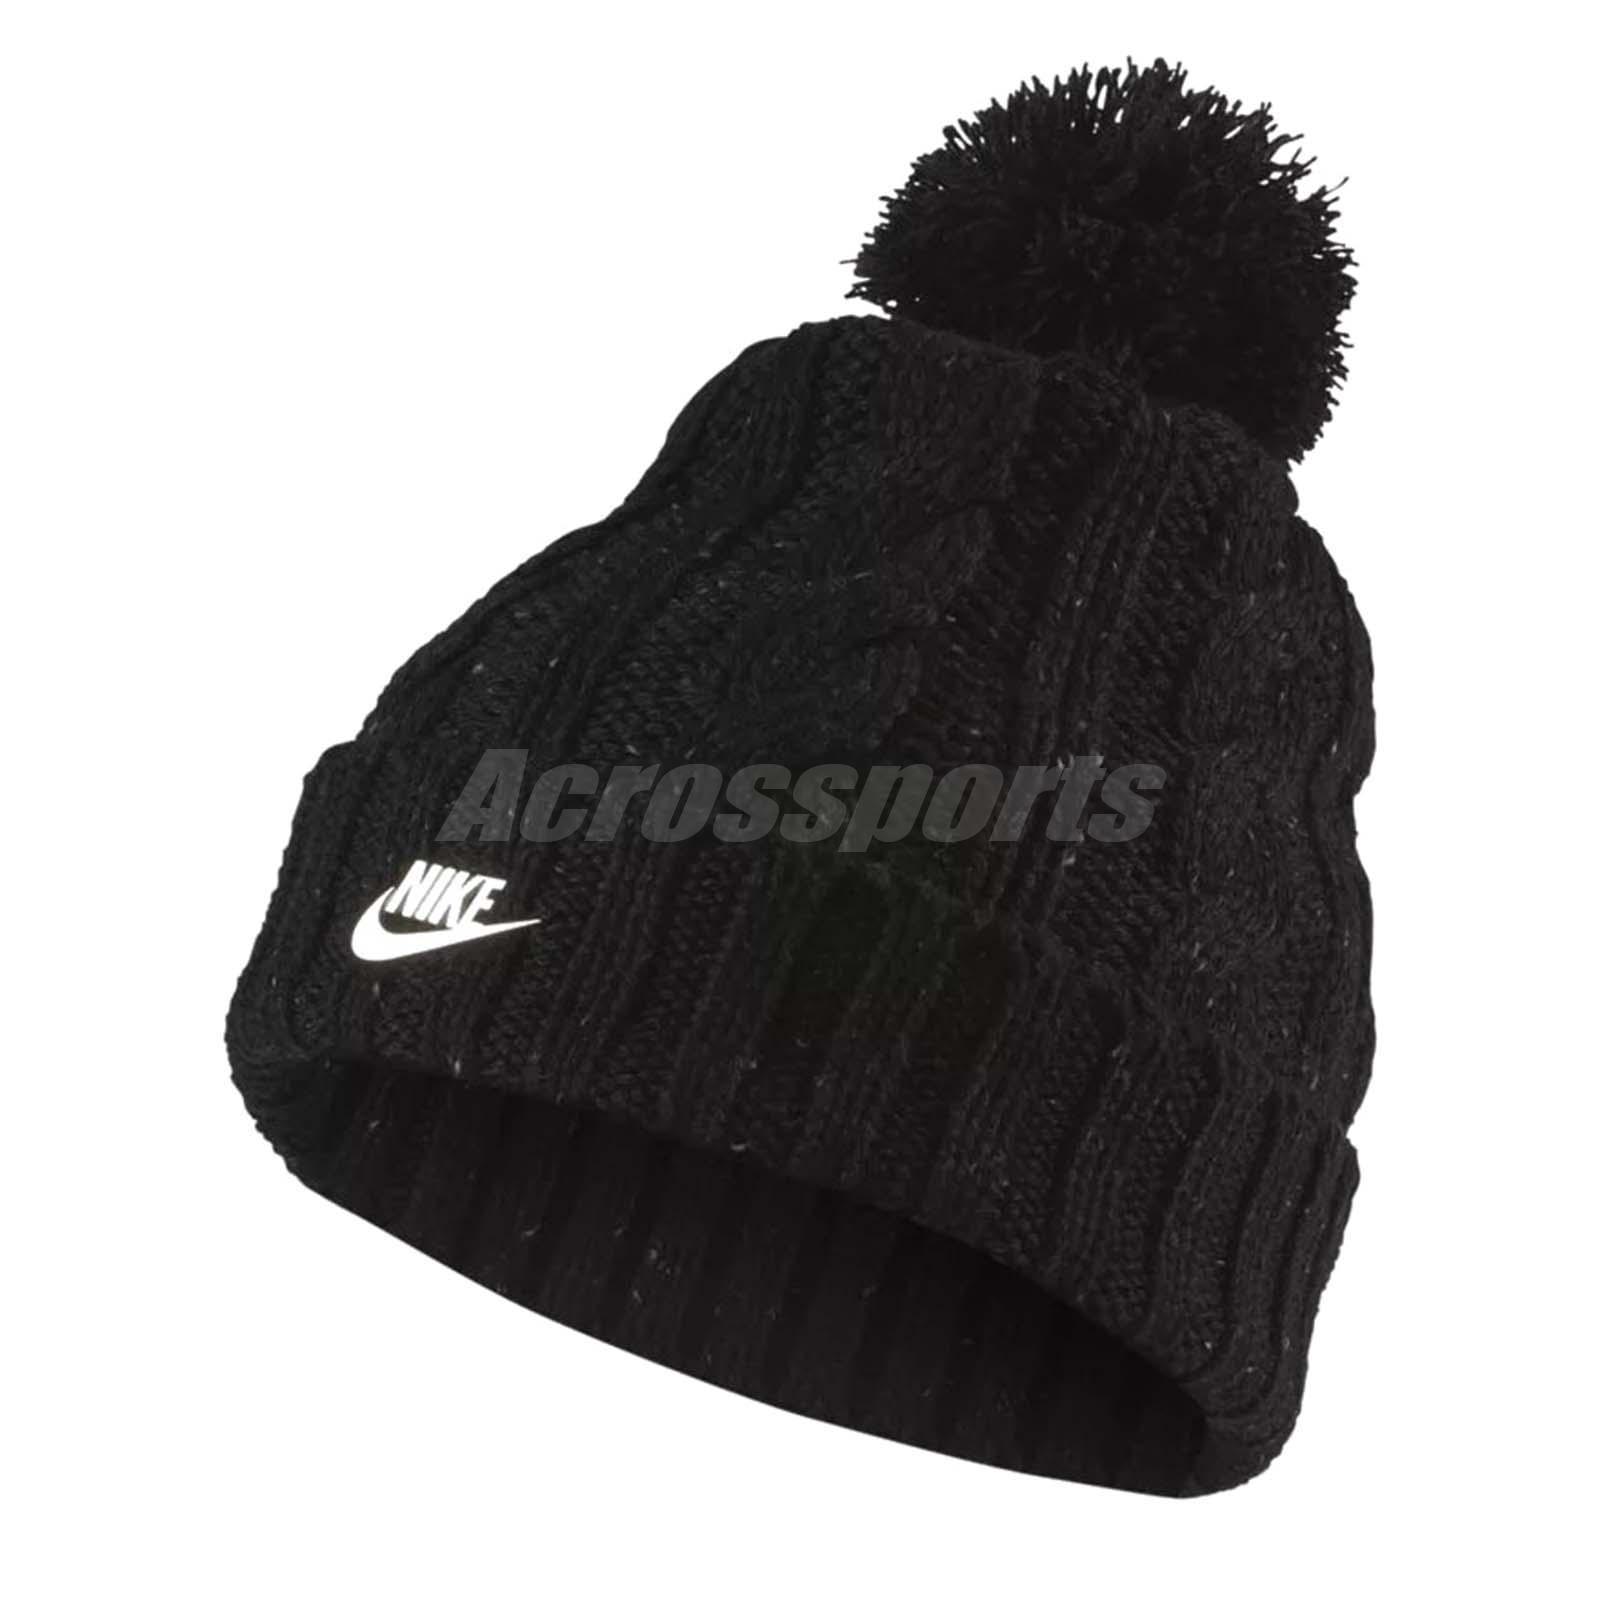 32e7538877e Nike Women Sportswear Beanie Hat Knit Wool Removable Pom NSW Black  925422-010